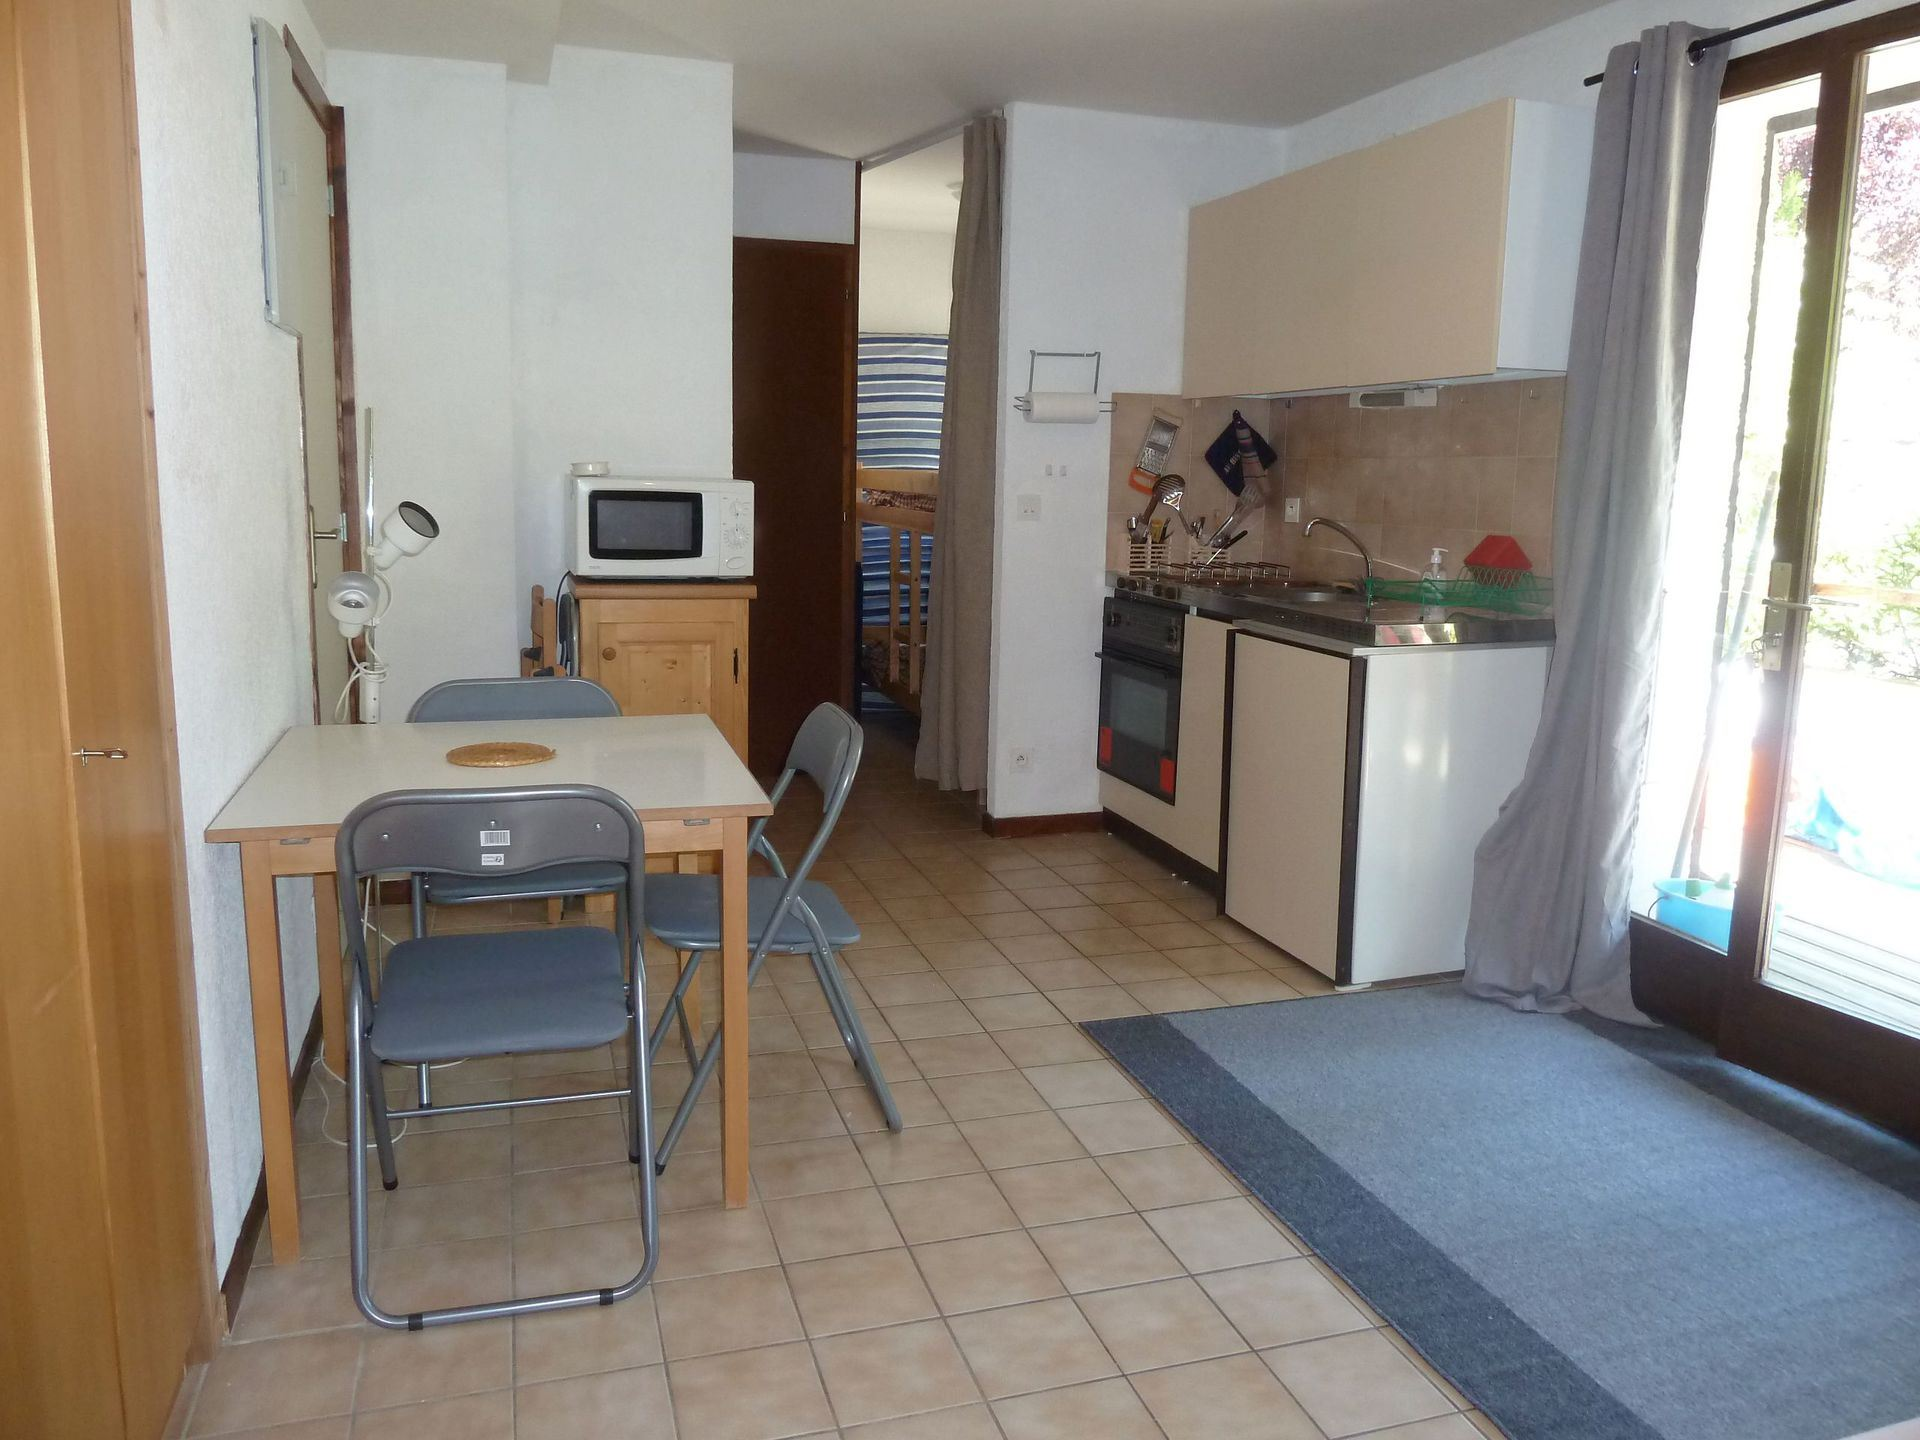 Coq de Bruyère - AO 2011 - 1 pièce + cabine ( Non homologué) - 4 personnes - 25m²